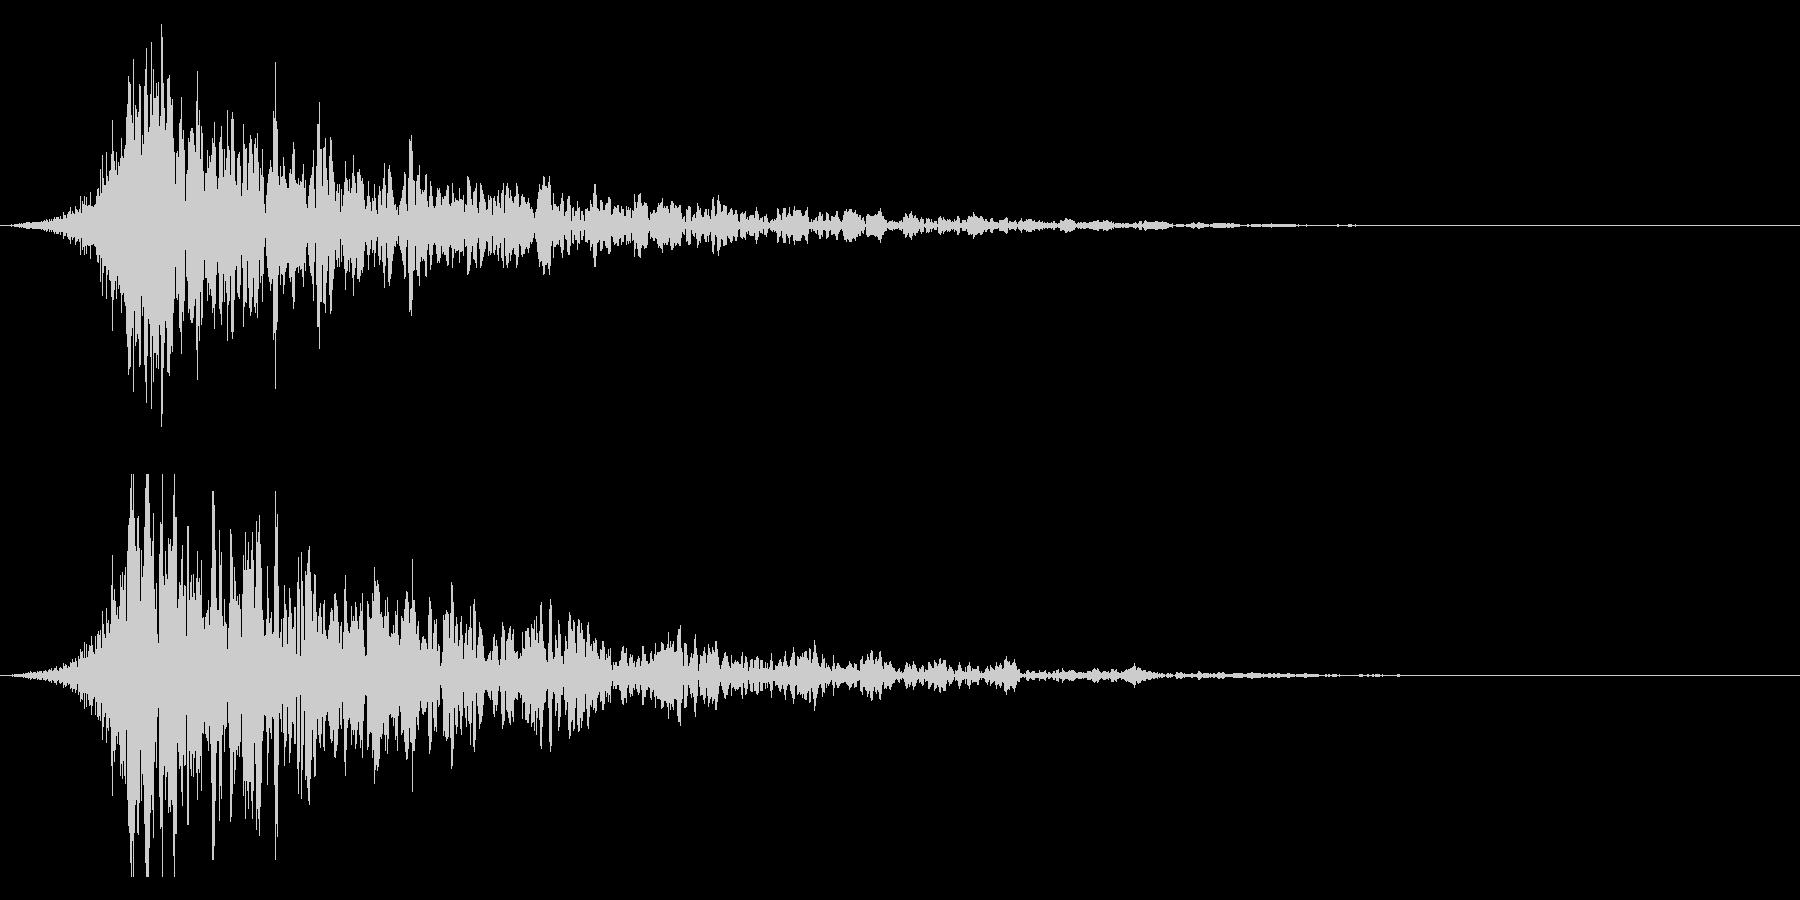 シュードーン-18-1(インパクト音)の未再生の波形